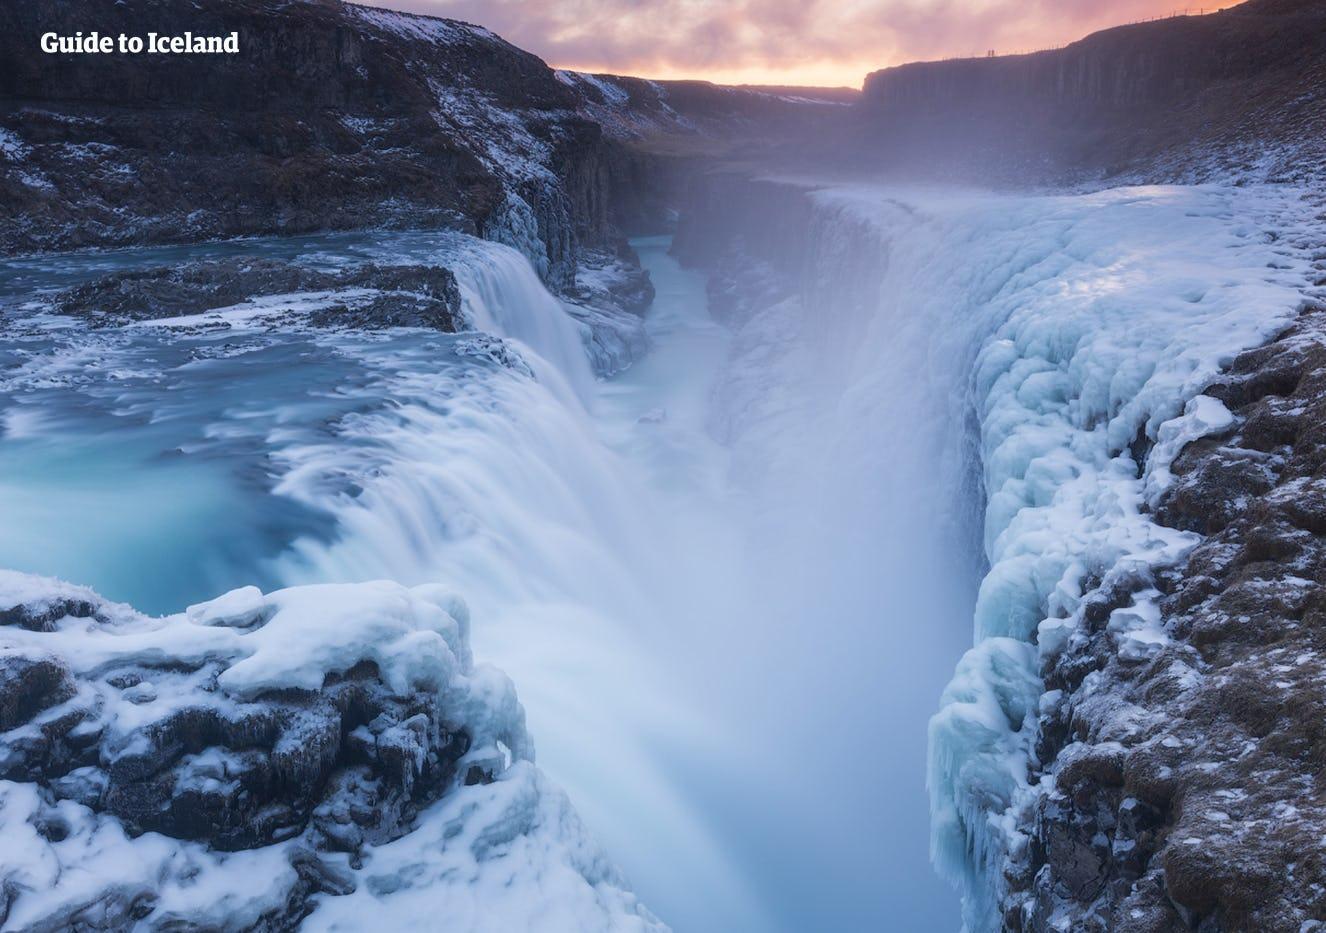 Chute d'eau de Gullfoss en hiver libérant des embruns glaciaux qui gèlent sur les roches et la mousse autour, créant une image dramatique de l'hiver.